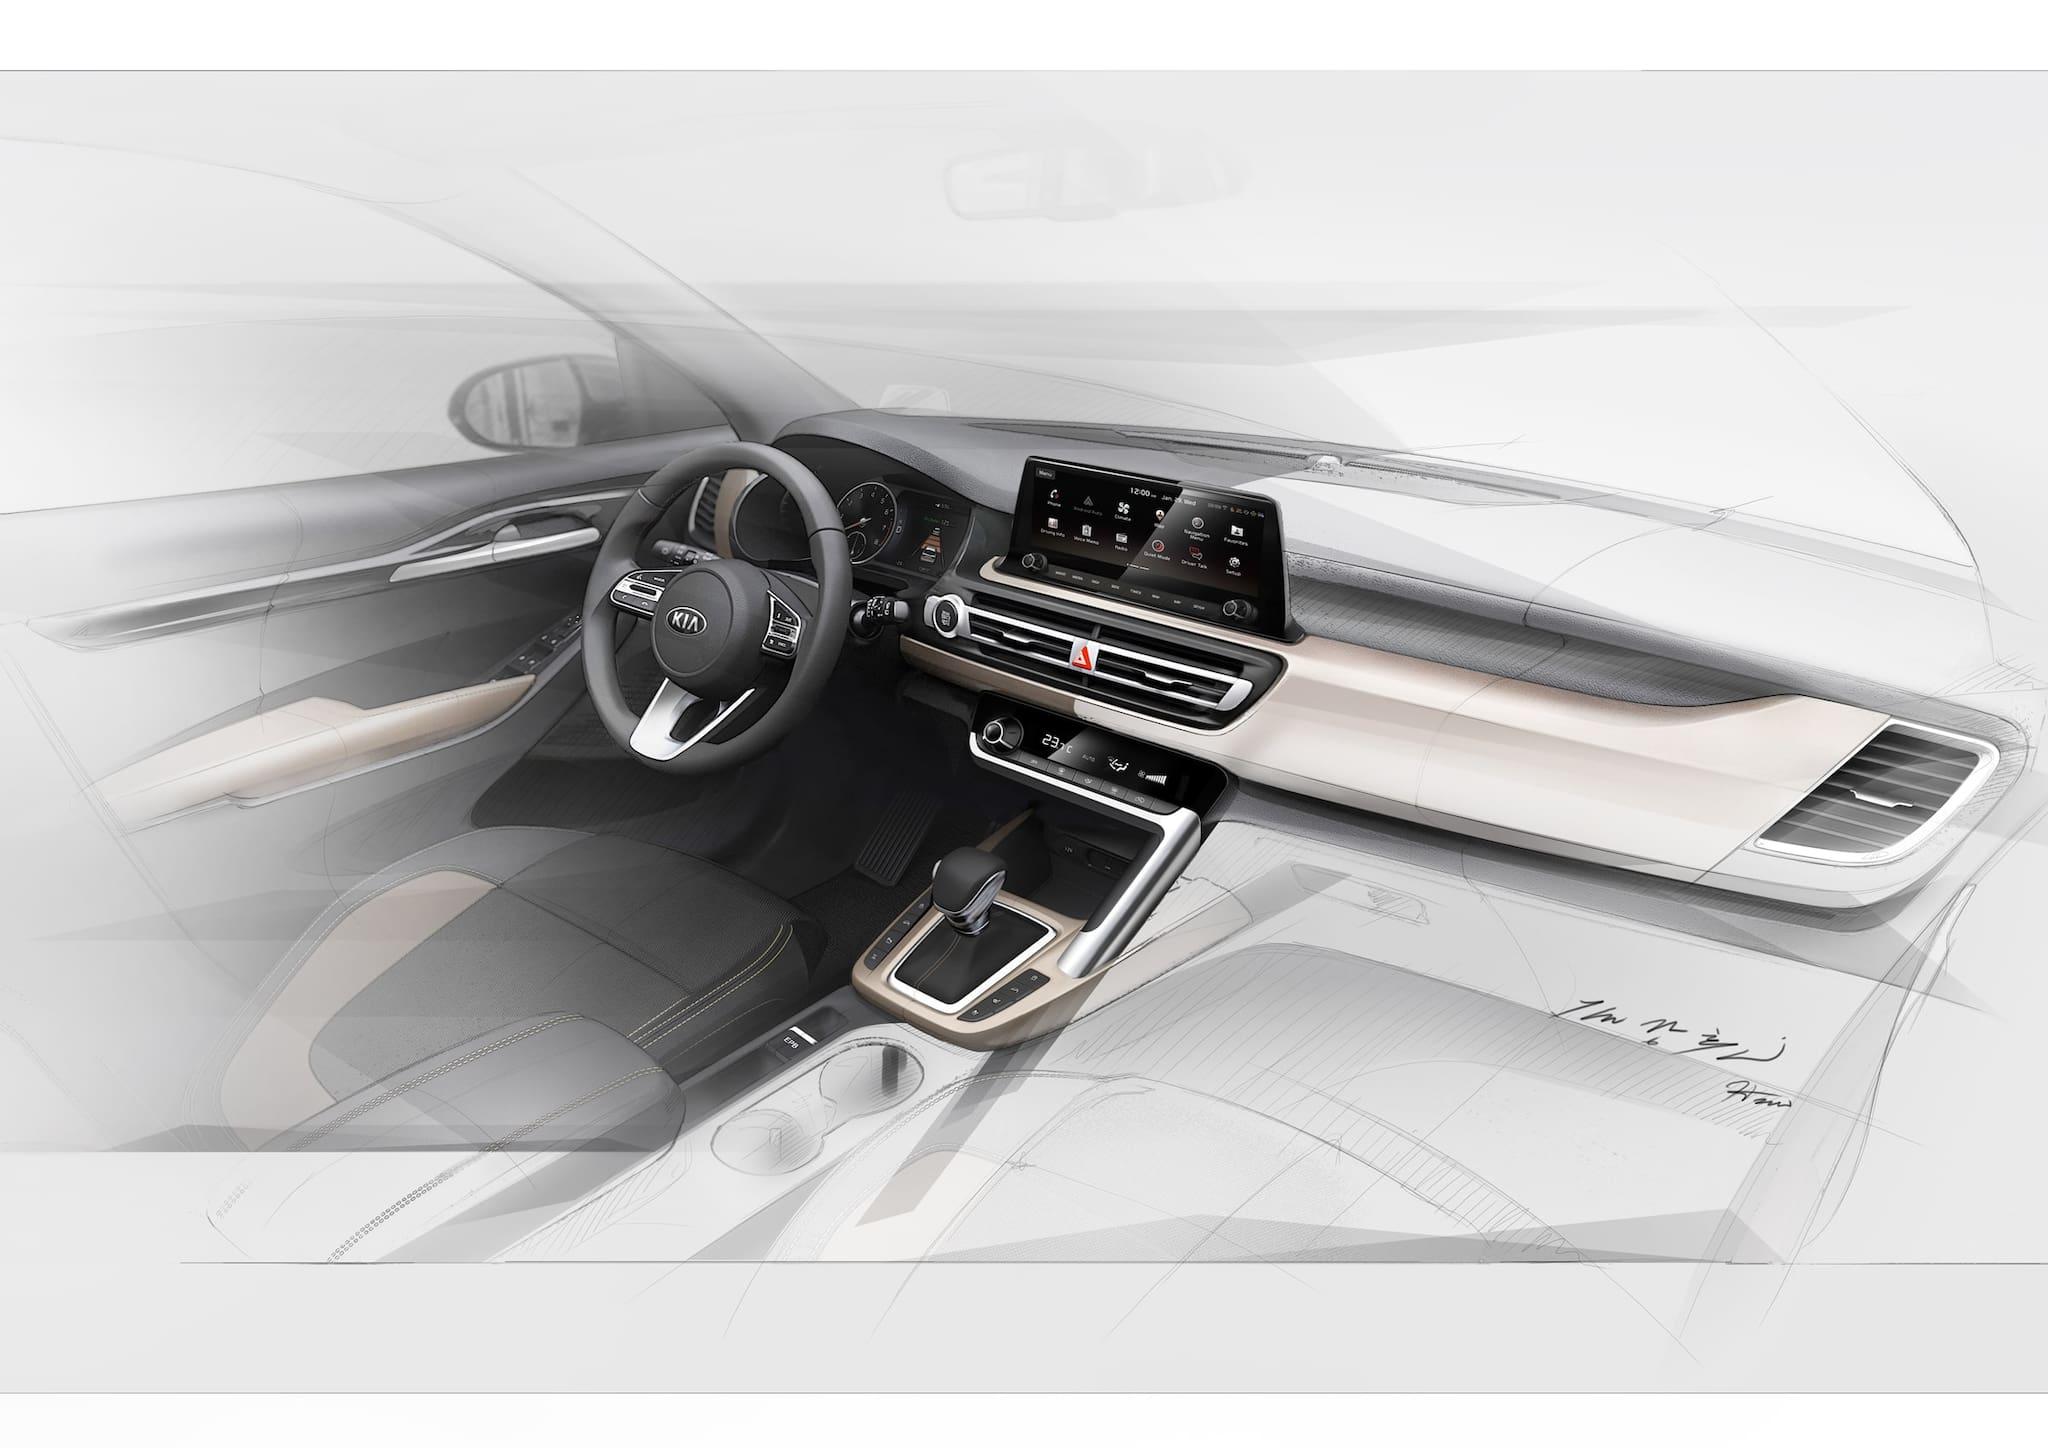 Kia Shows Off Interior Design of Upcoming New Small SUV